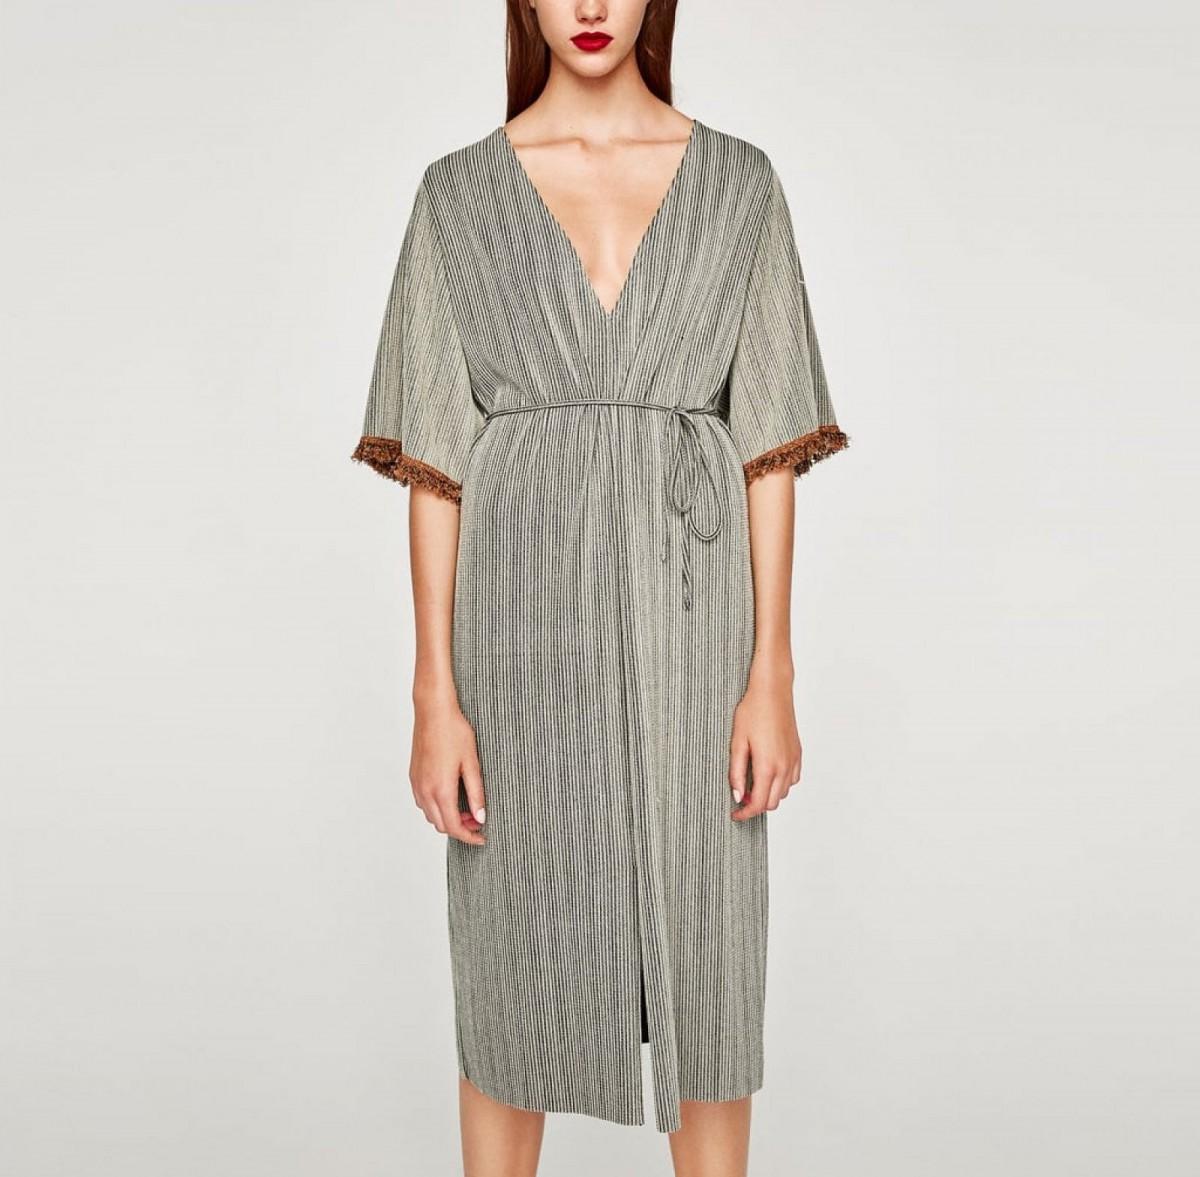 Vestido tipo túnica con detalle de flecos en las mangas de Zara, por 7,99 euros (antes 25,95 euros)